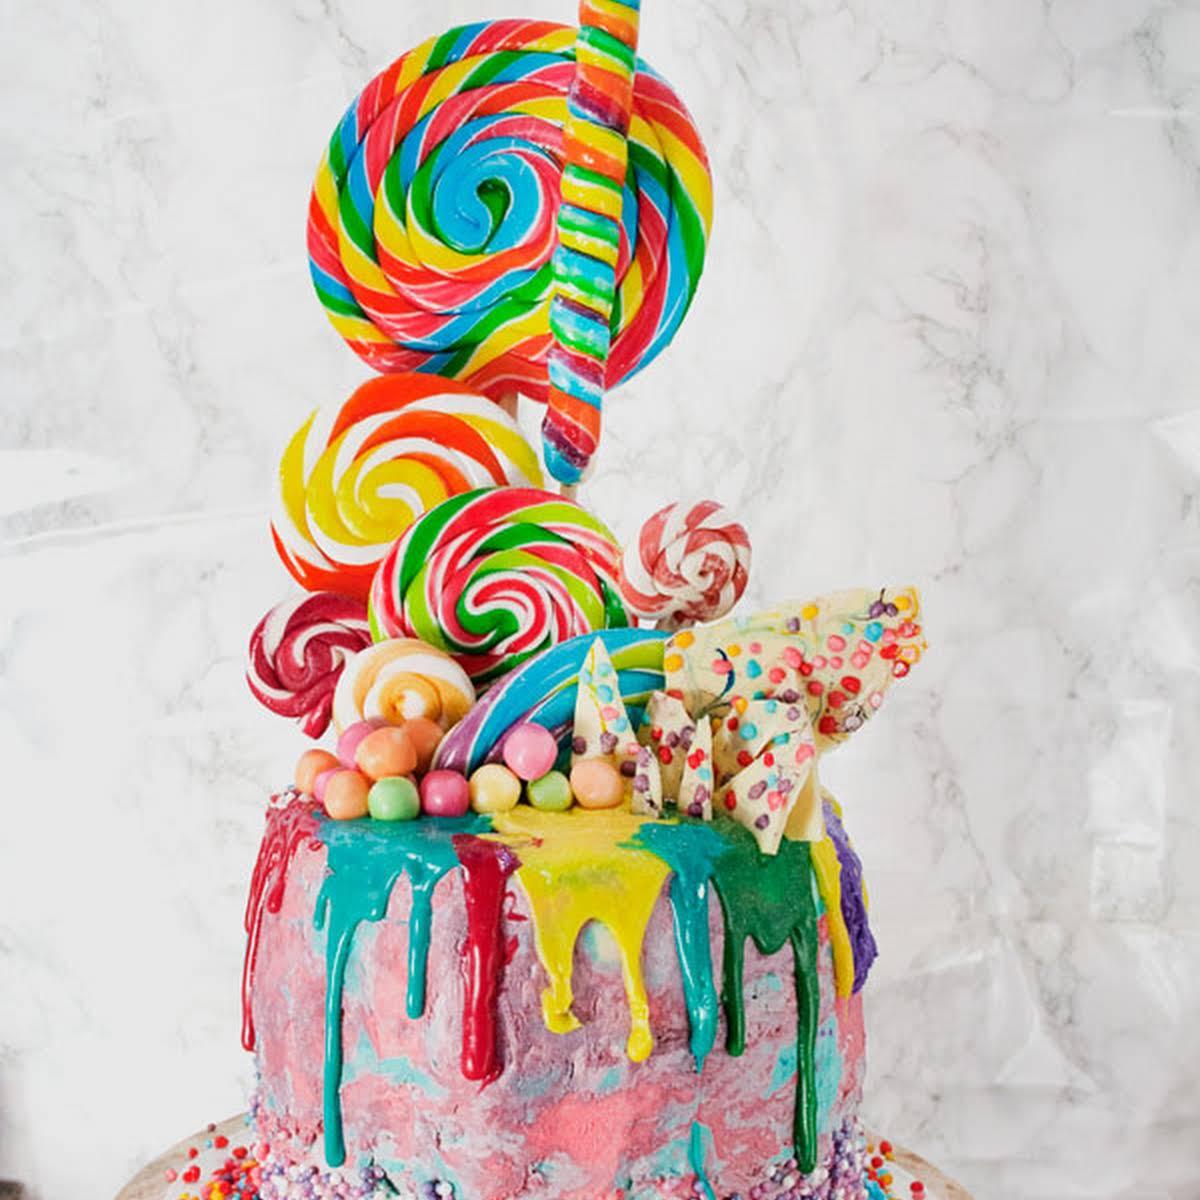 Awe Inspiring Chocolate Cake Vodka Recipes Yummly Personalised Birthday Cards Xaembasilily Jamesorg